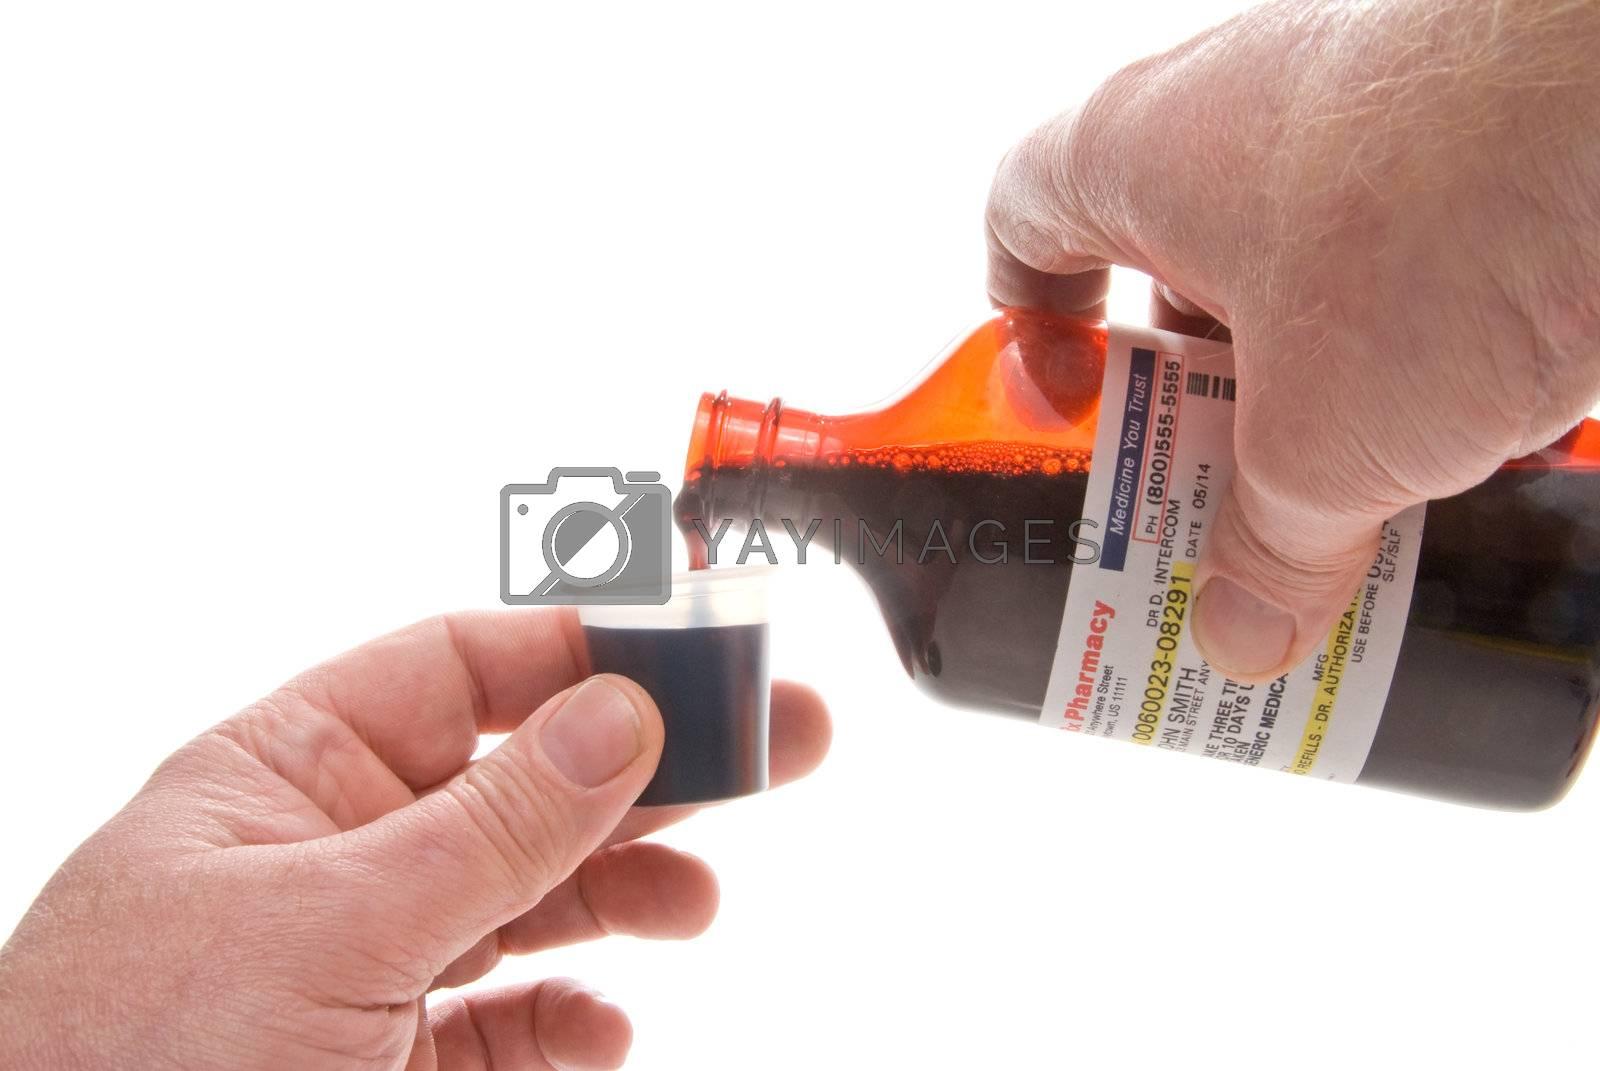 Liquid prescription cough medication in a cup.